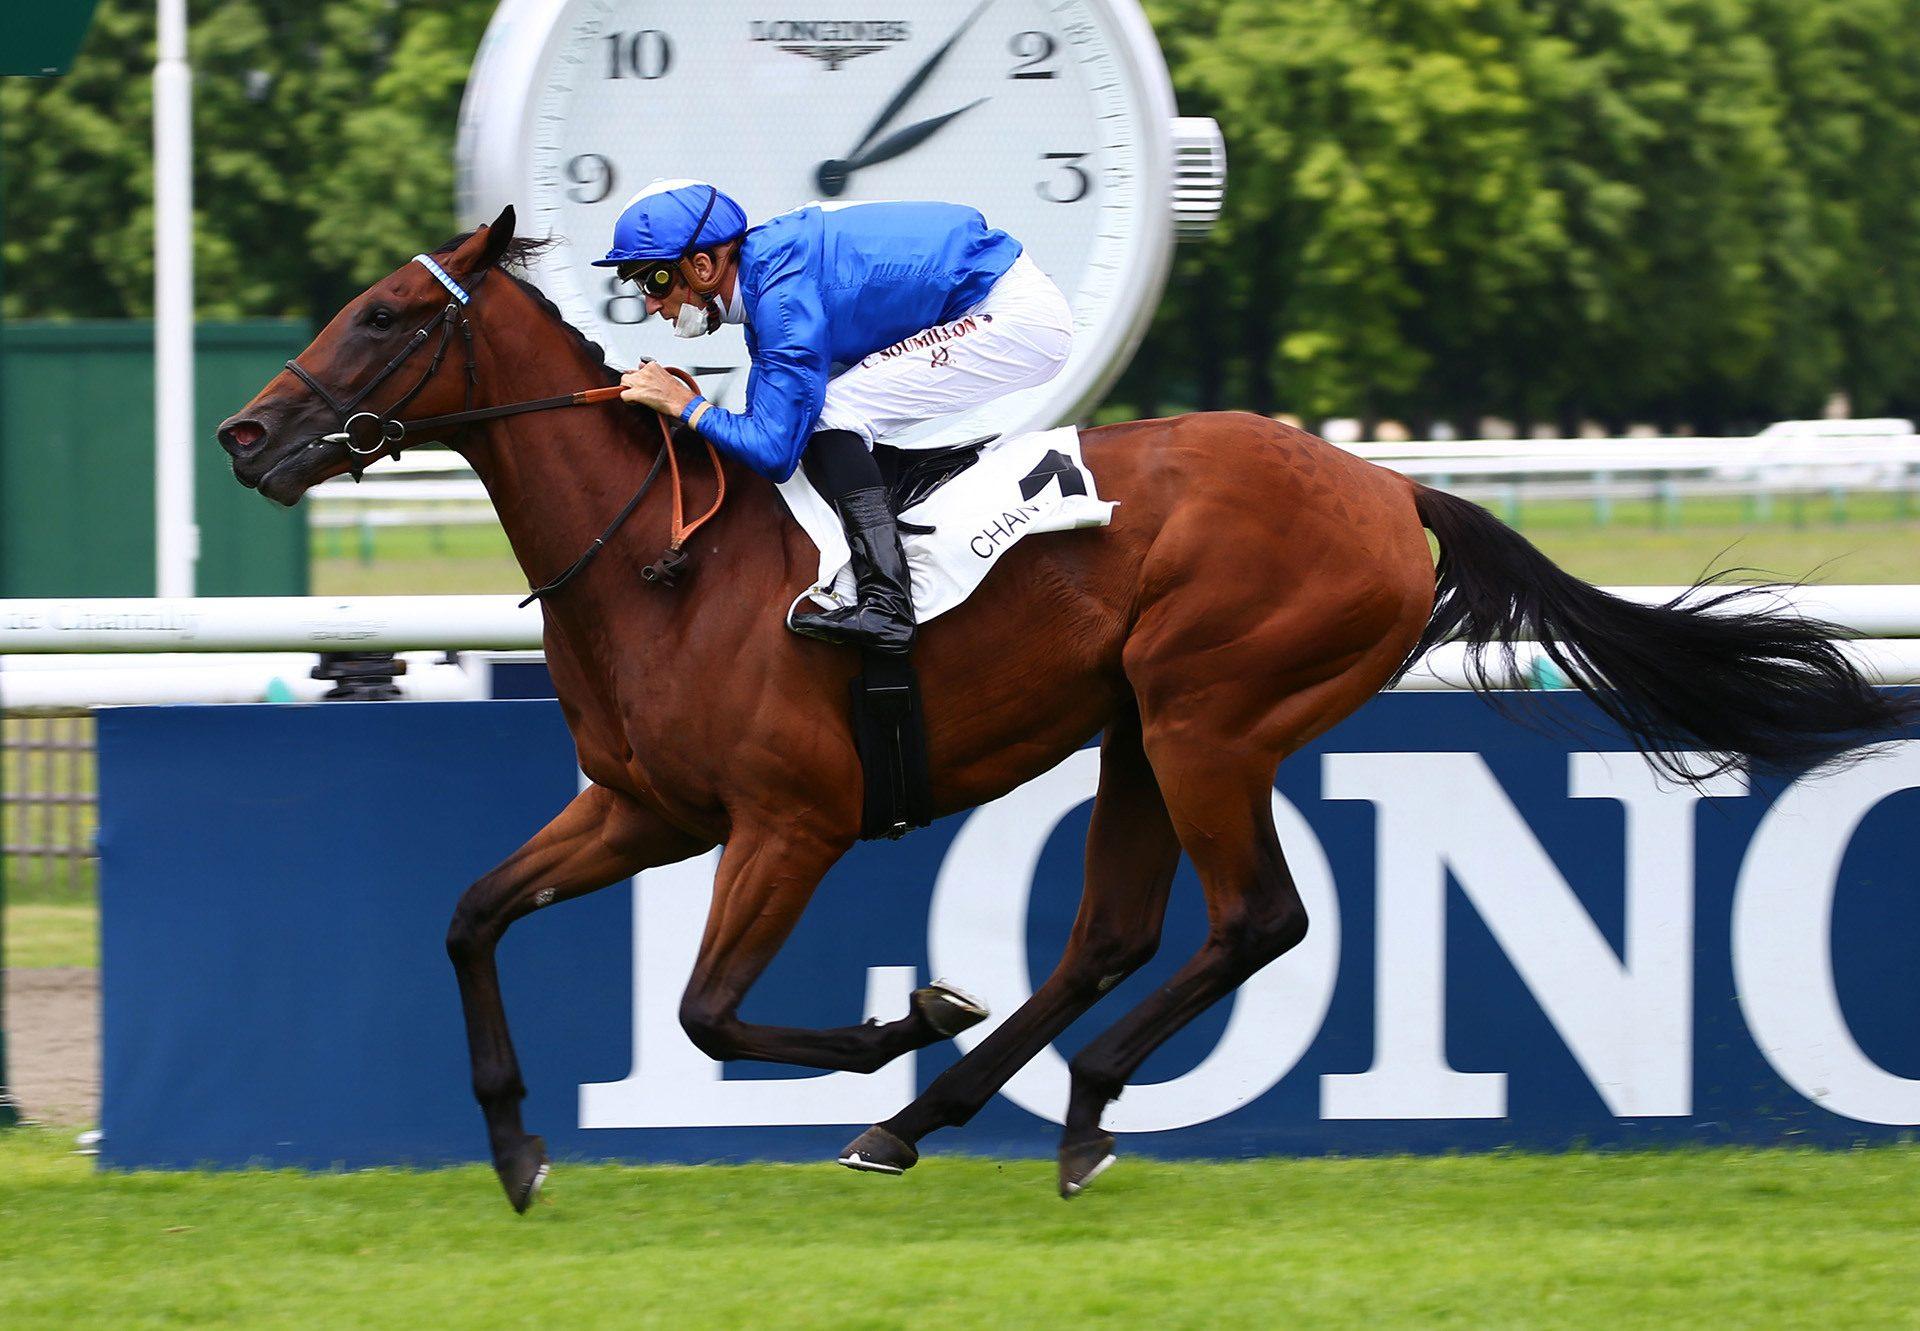 Dancinginthestreet (Churchill) winning at Chantilly